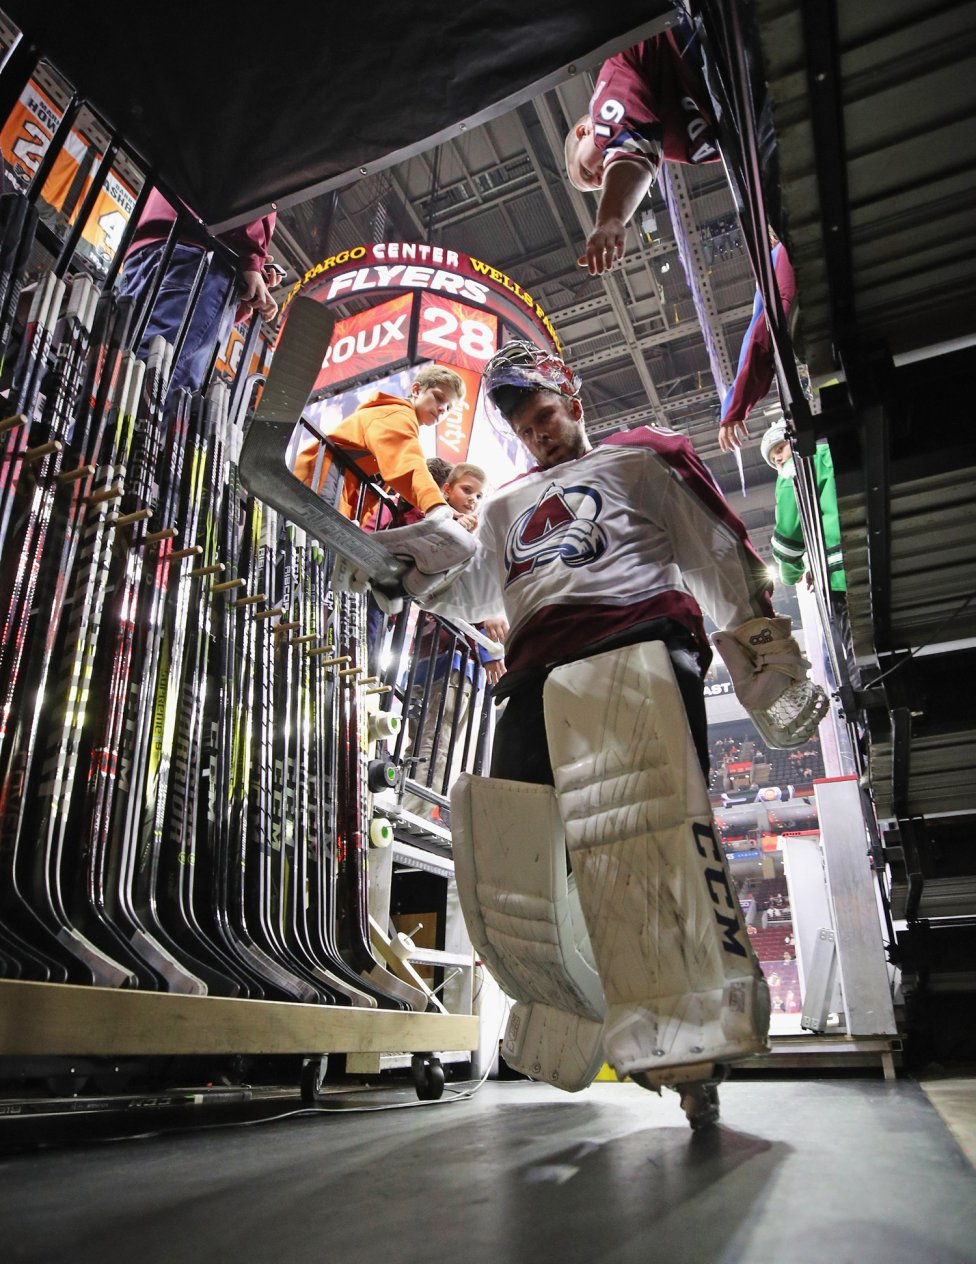 El jugador de los Colorado Avalanche de hockey sobre hielo Semyon Varlamov tras el calentamiento previo al encuentro frente a los Philadelphia Flyers.